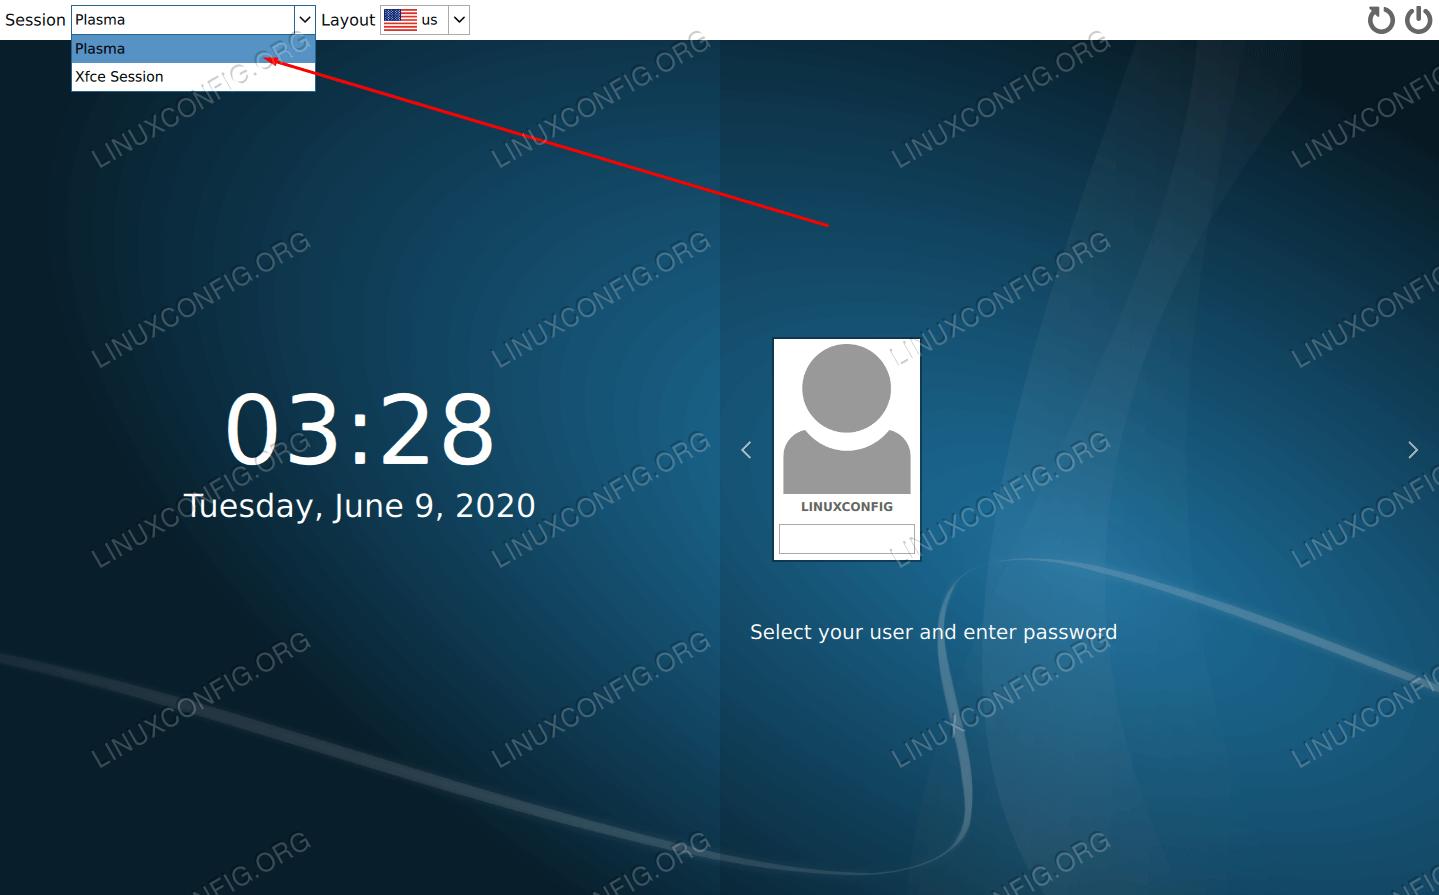 Anmeldebildschirm mit geladenem KDE Plasma